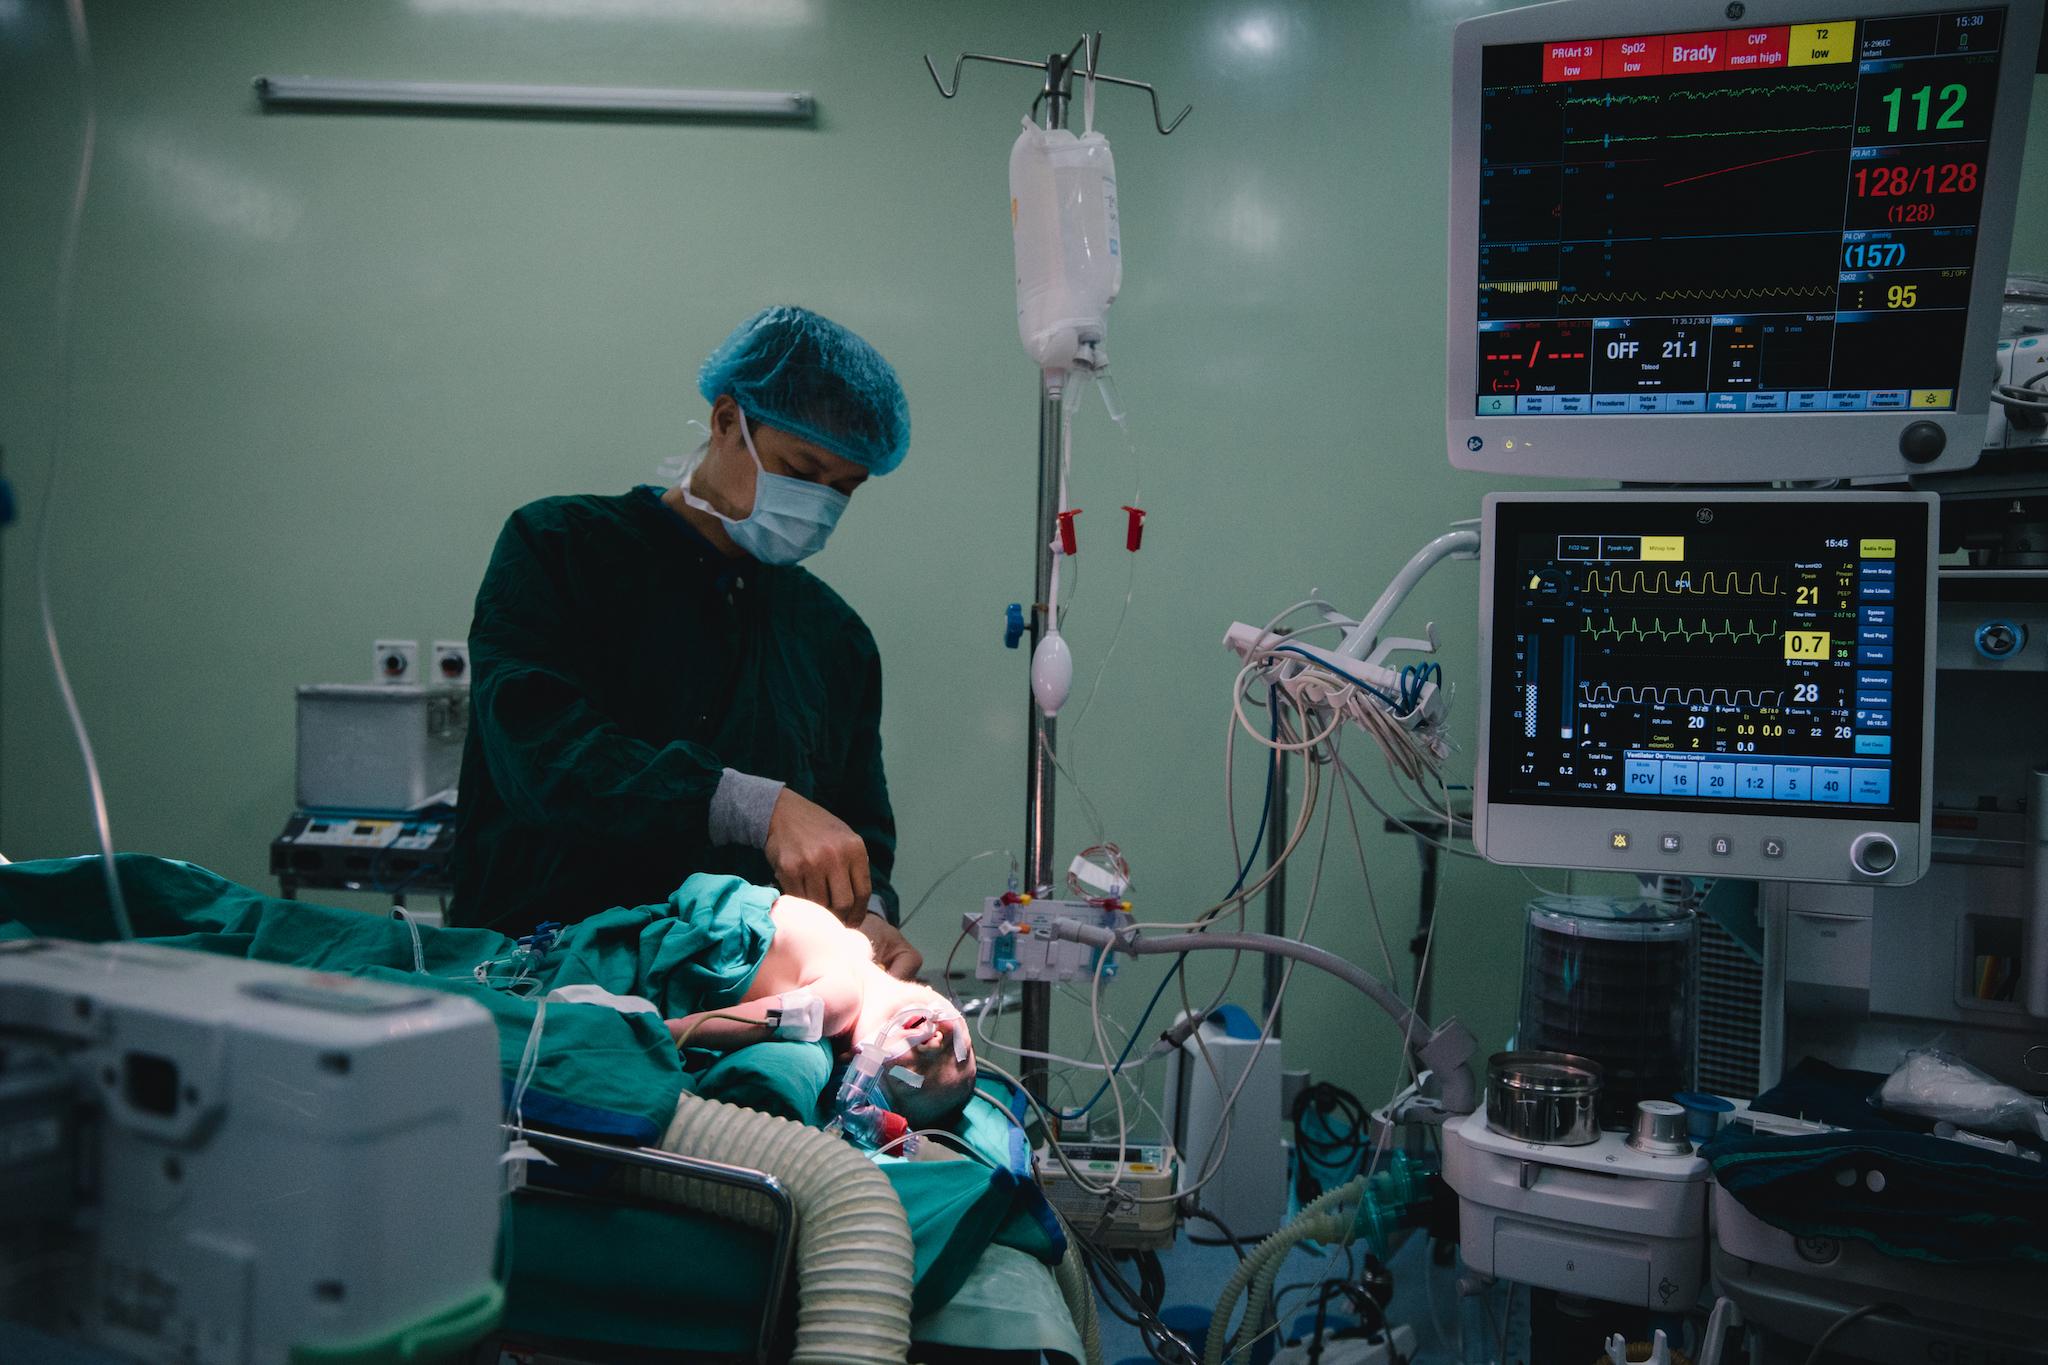 Mọi tình trạng của bệnh nhân được các bác sỹ theo dõi chặt chẽ. (Ảnh: Minh Sơn/Vietnam+)